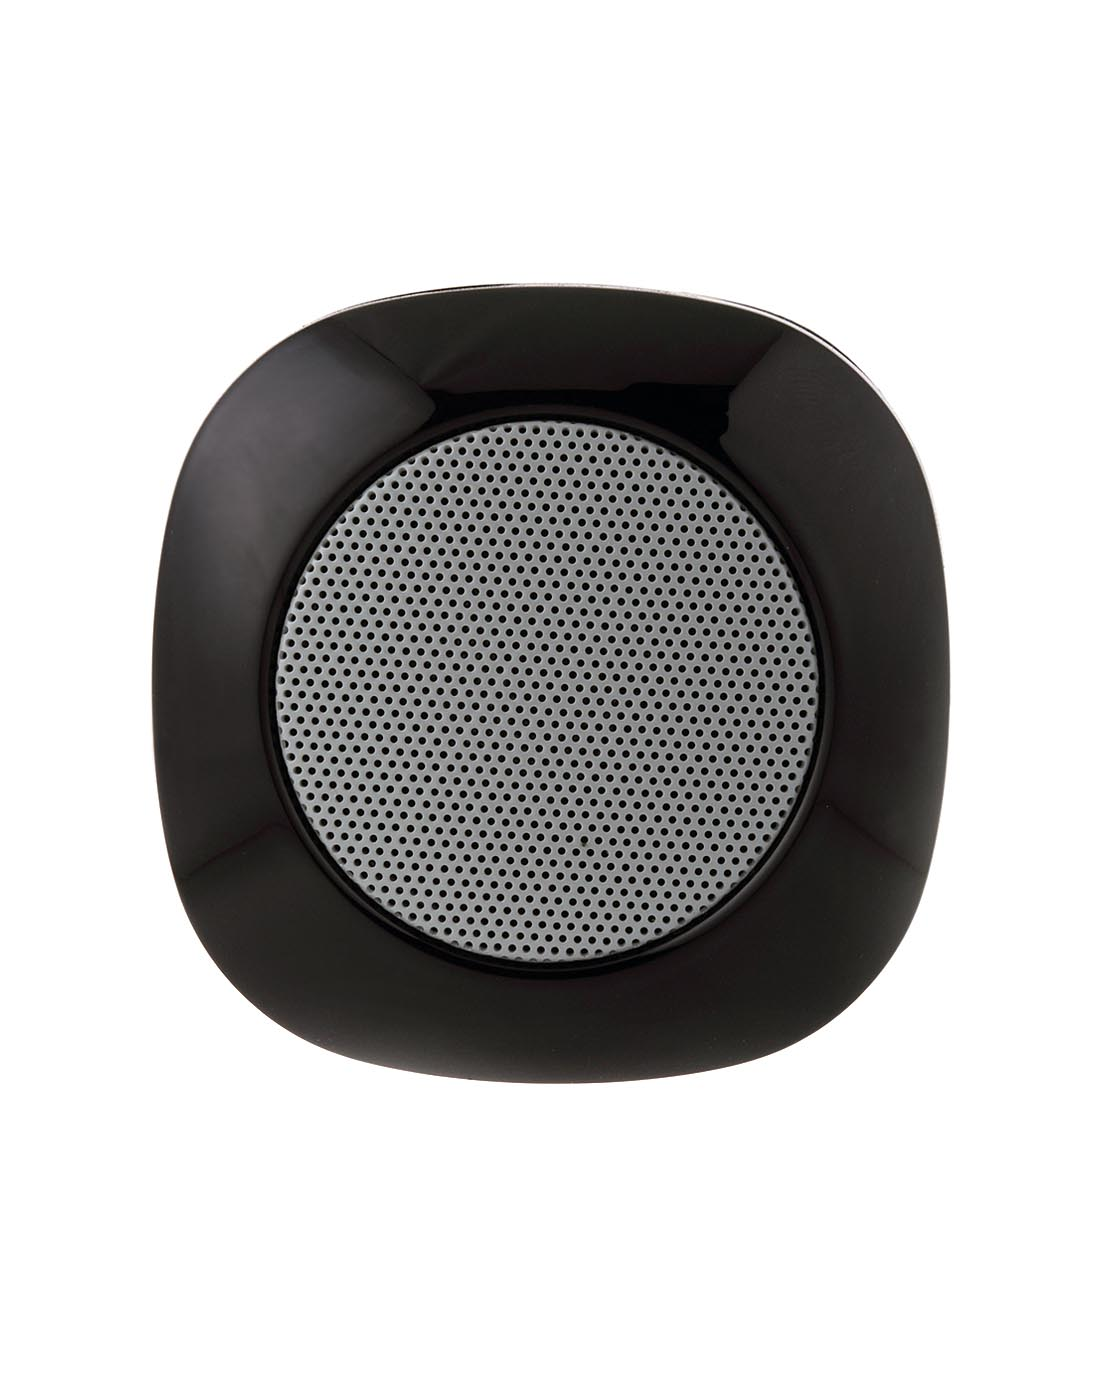 新科 可通话便携迷你蓝牙音箱hc915(黑色)